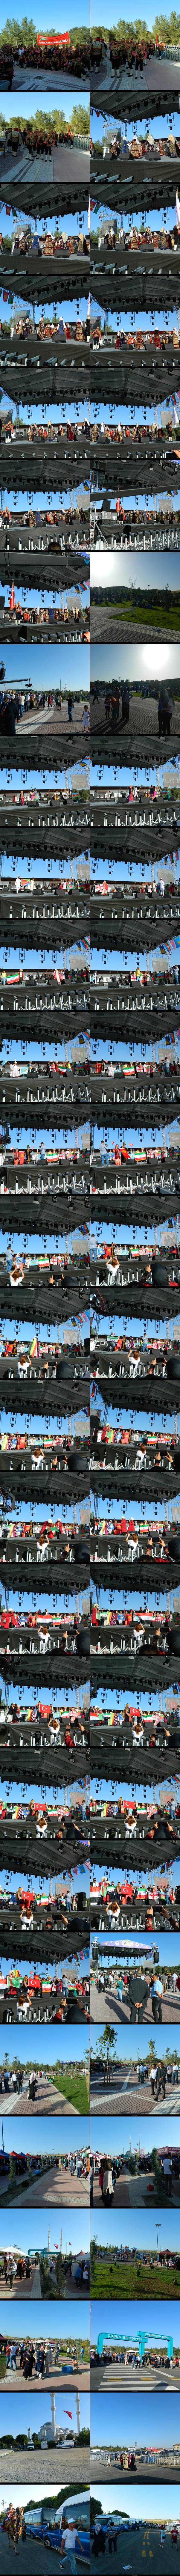 festival9-tile.jpg